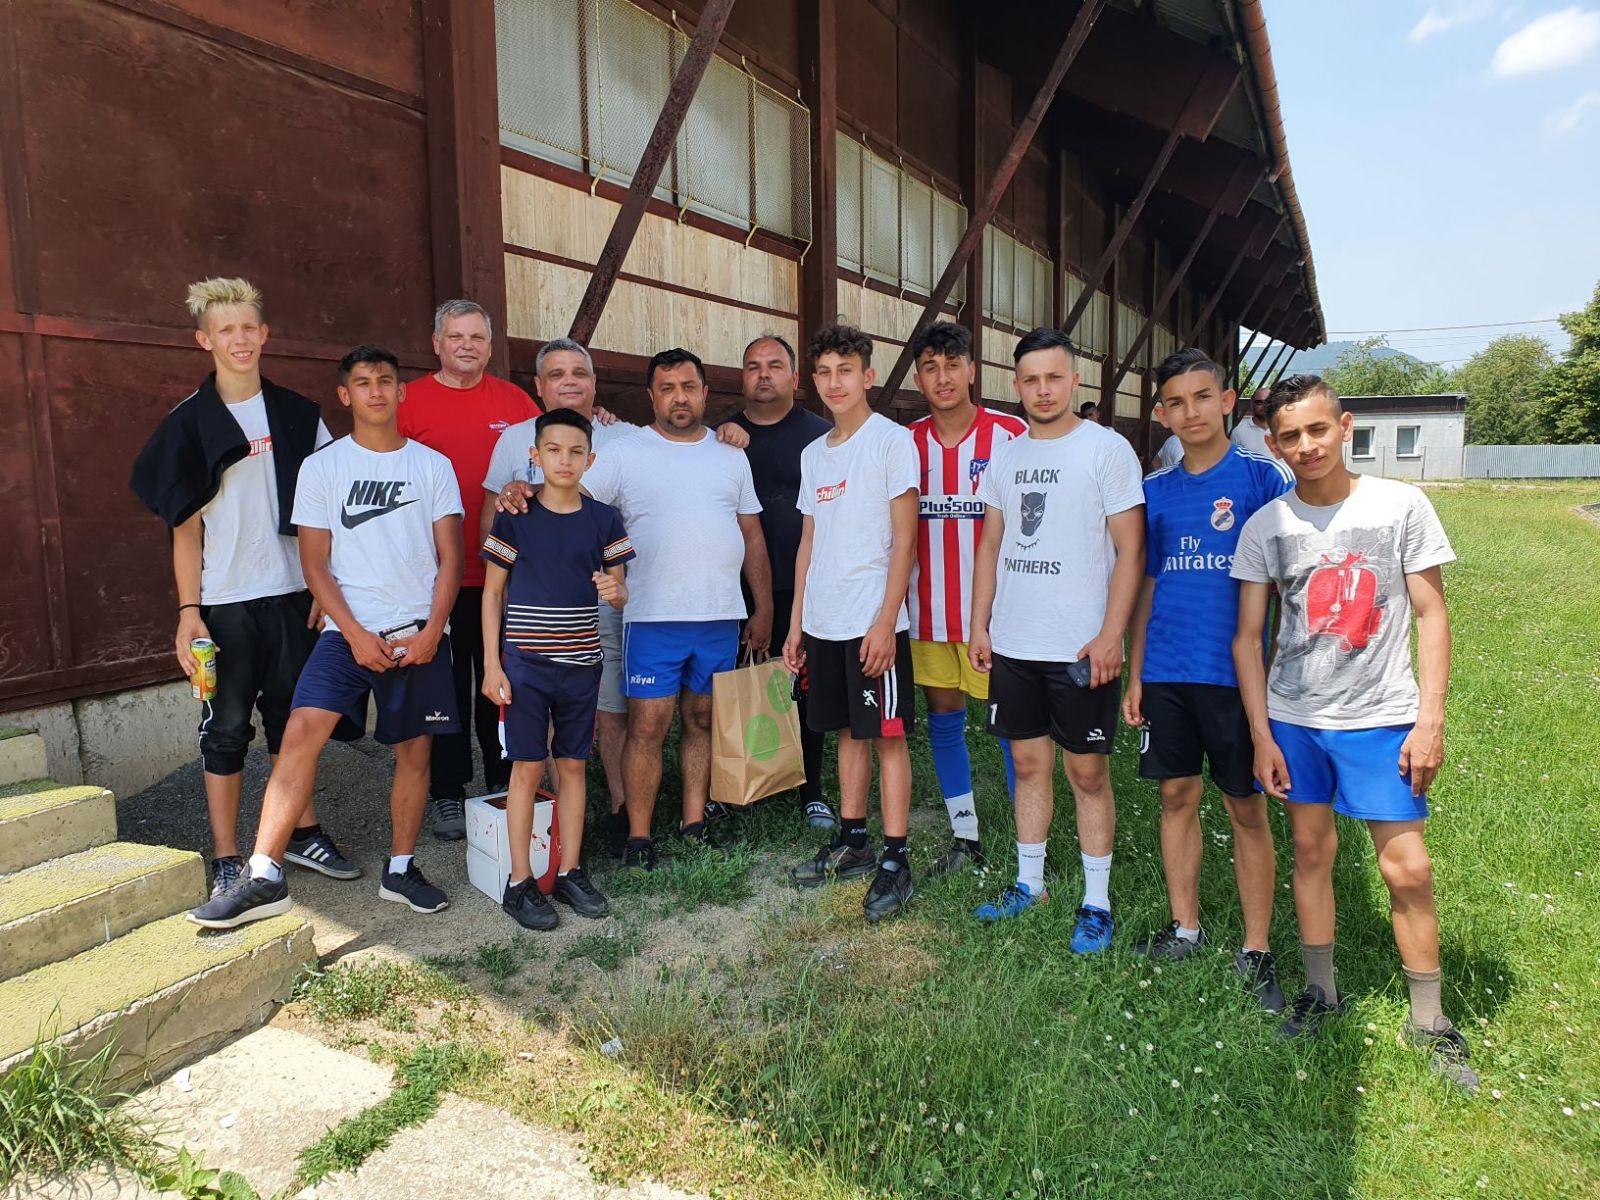 Futbalovy-turnaj-spojil-miestne-komunity-34